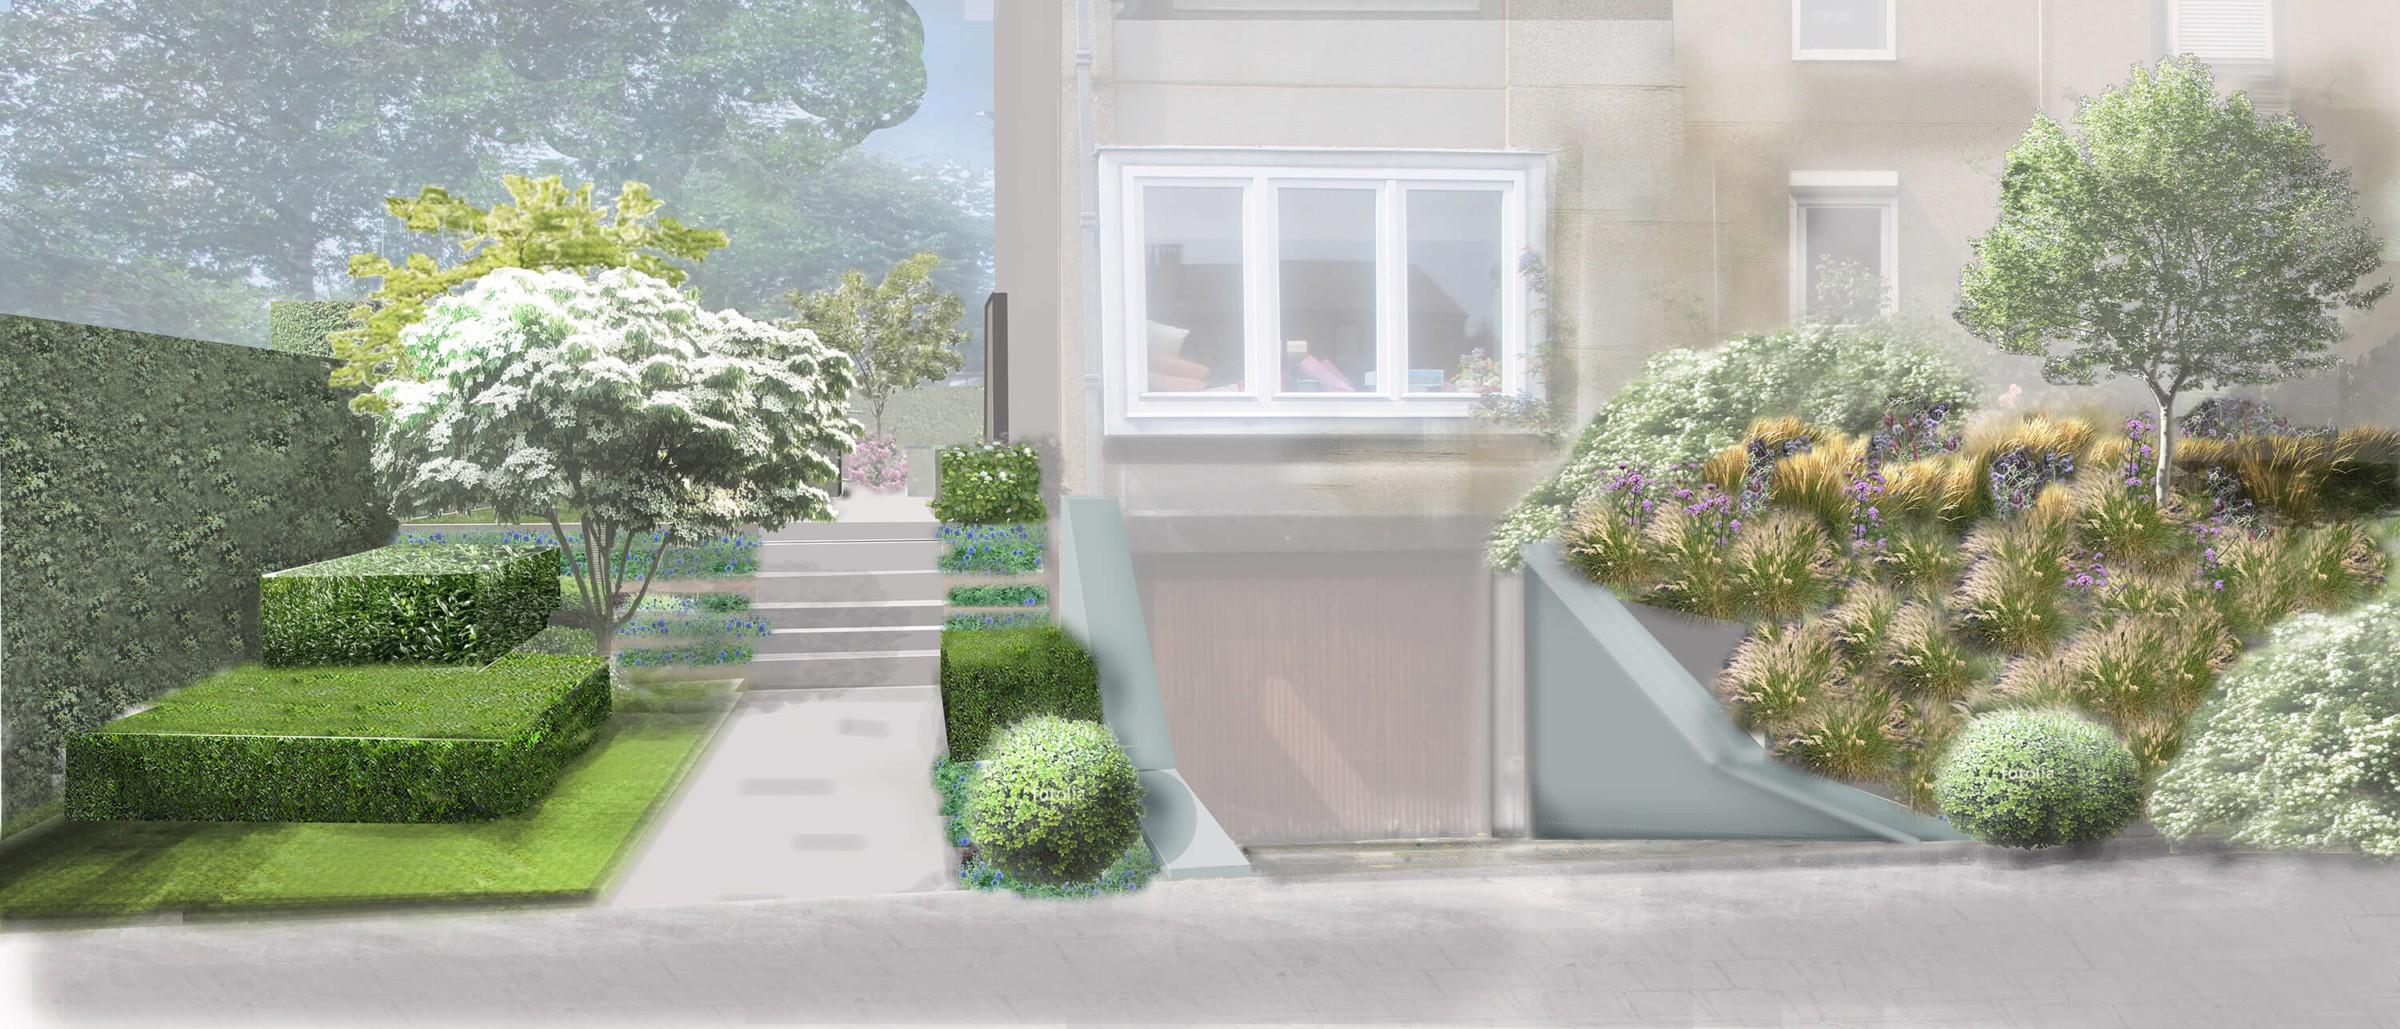 Aménagement d'un jardin privé pour une maison quatre façades dans la capitale